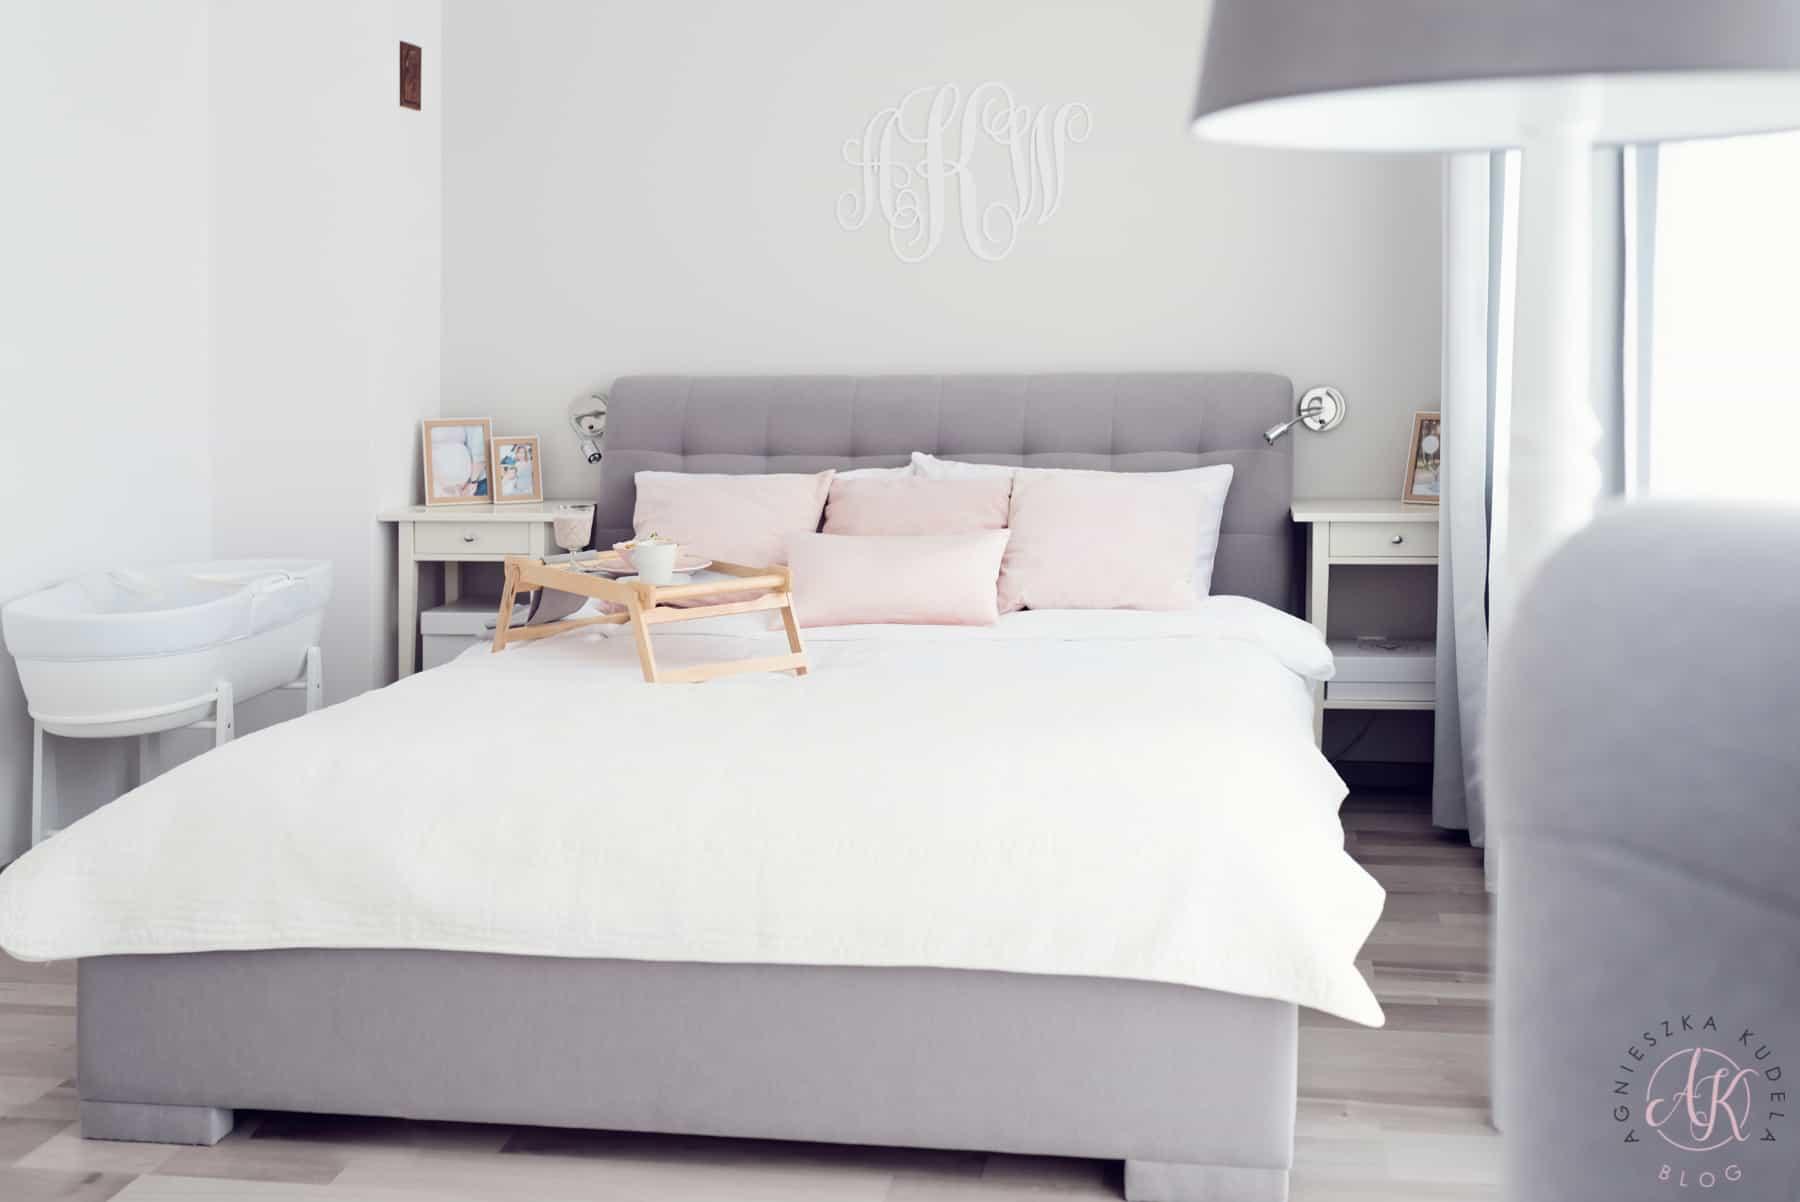 Szara sypialnia, szare łóżko, biała pościel